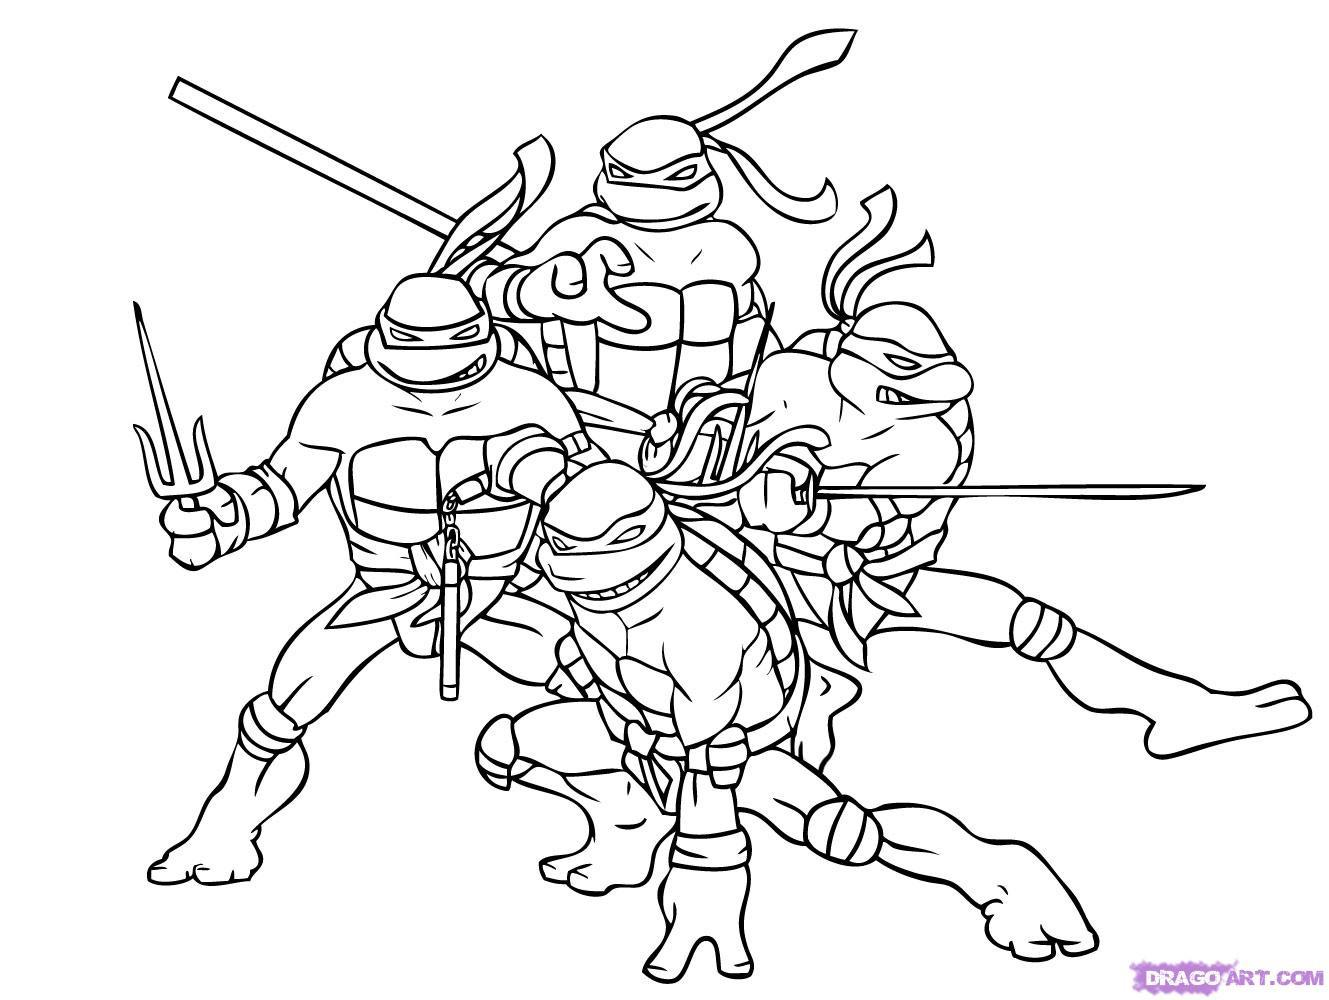 Teenage Mutant Ninja Turtle Coloring Pages  Nickelodeon Coloring Pages Teenage Mutant Ninja Turtles